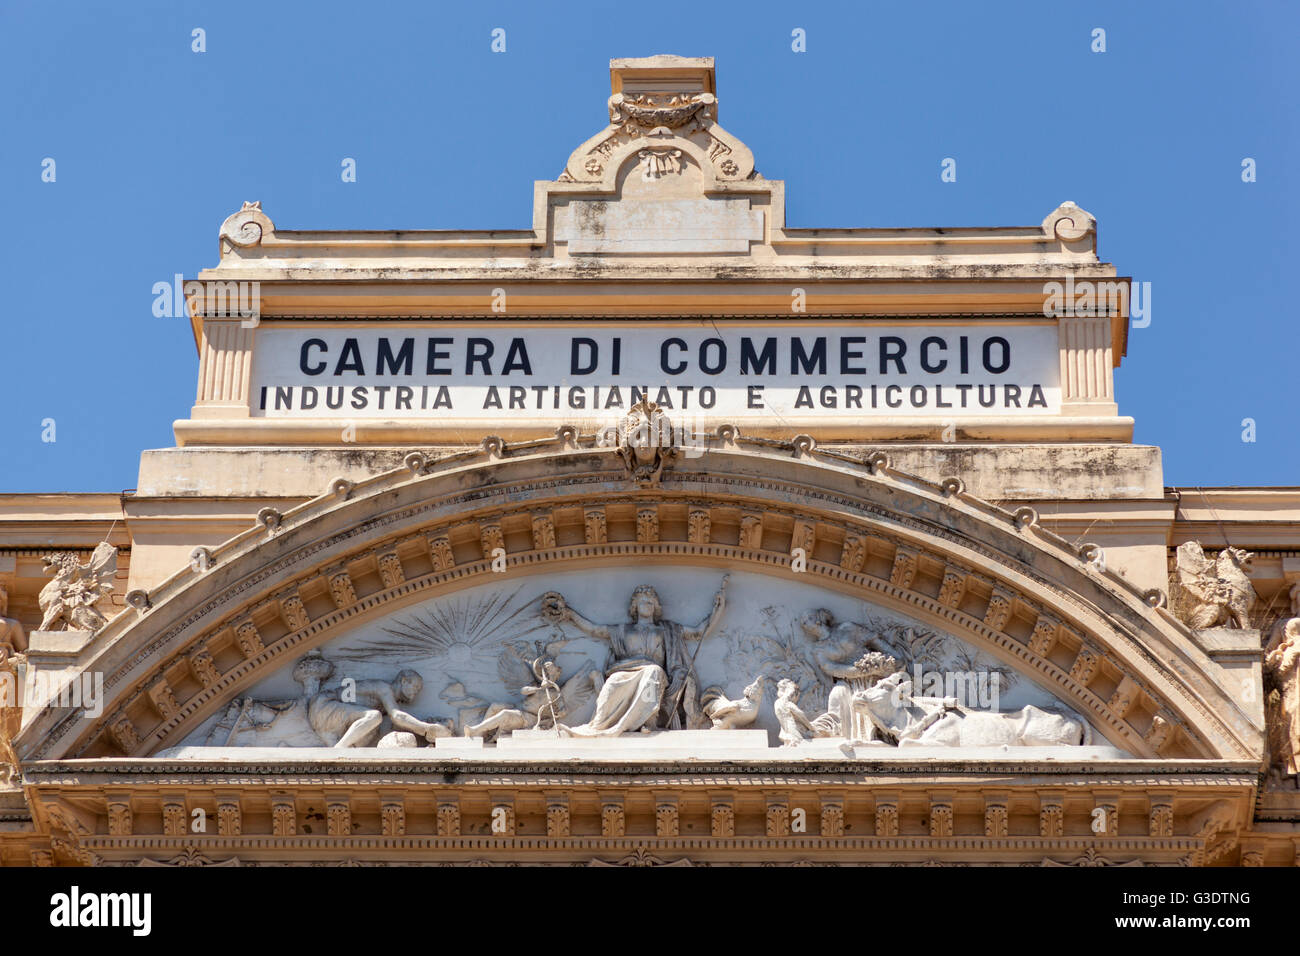 Camera di commercio industria artigianato e agricoltura for Artigianato italia